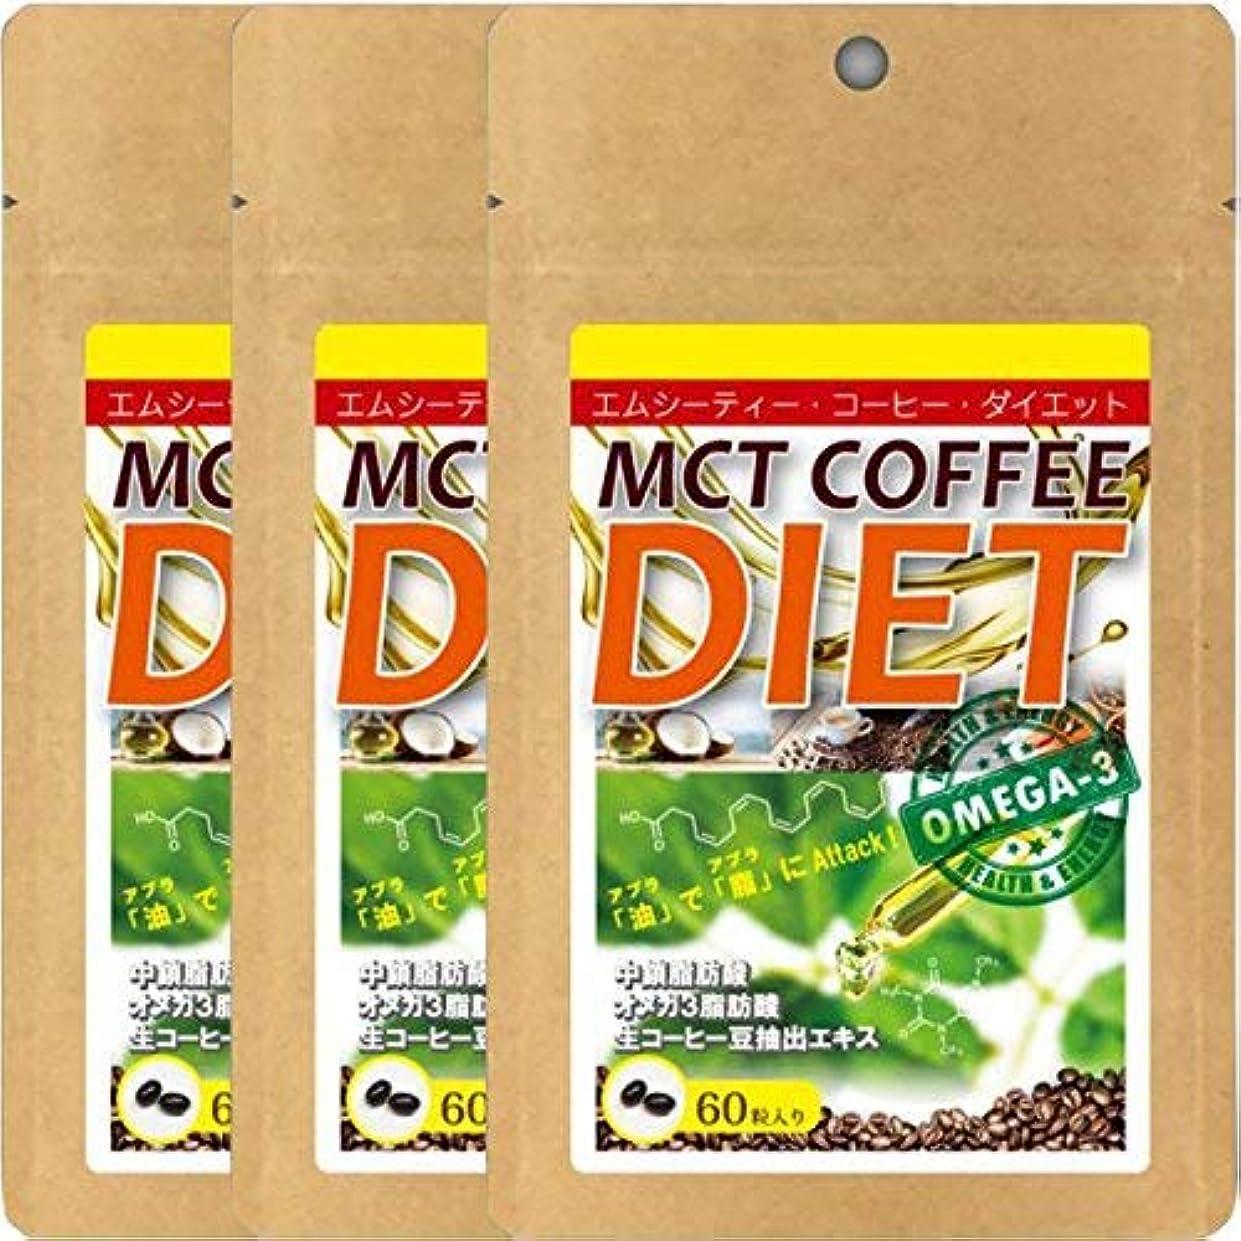 ロボット医薬襟【MCTオイル】MCTコーヒーダイエット 3個セット 【10% OFF !! 】 60カプセル入り